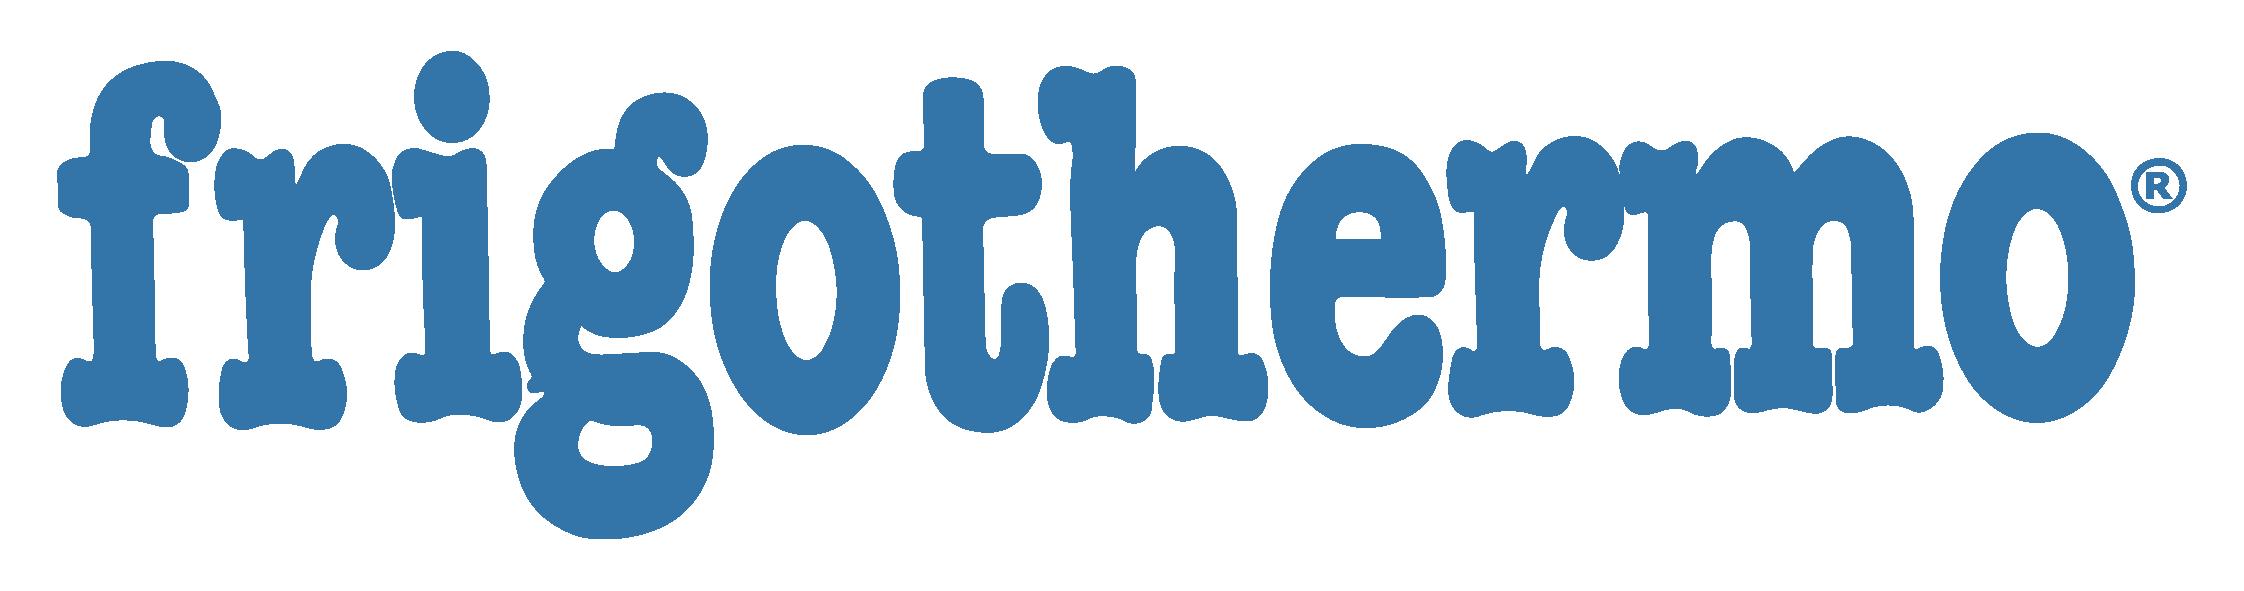 Frigothermo